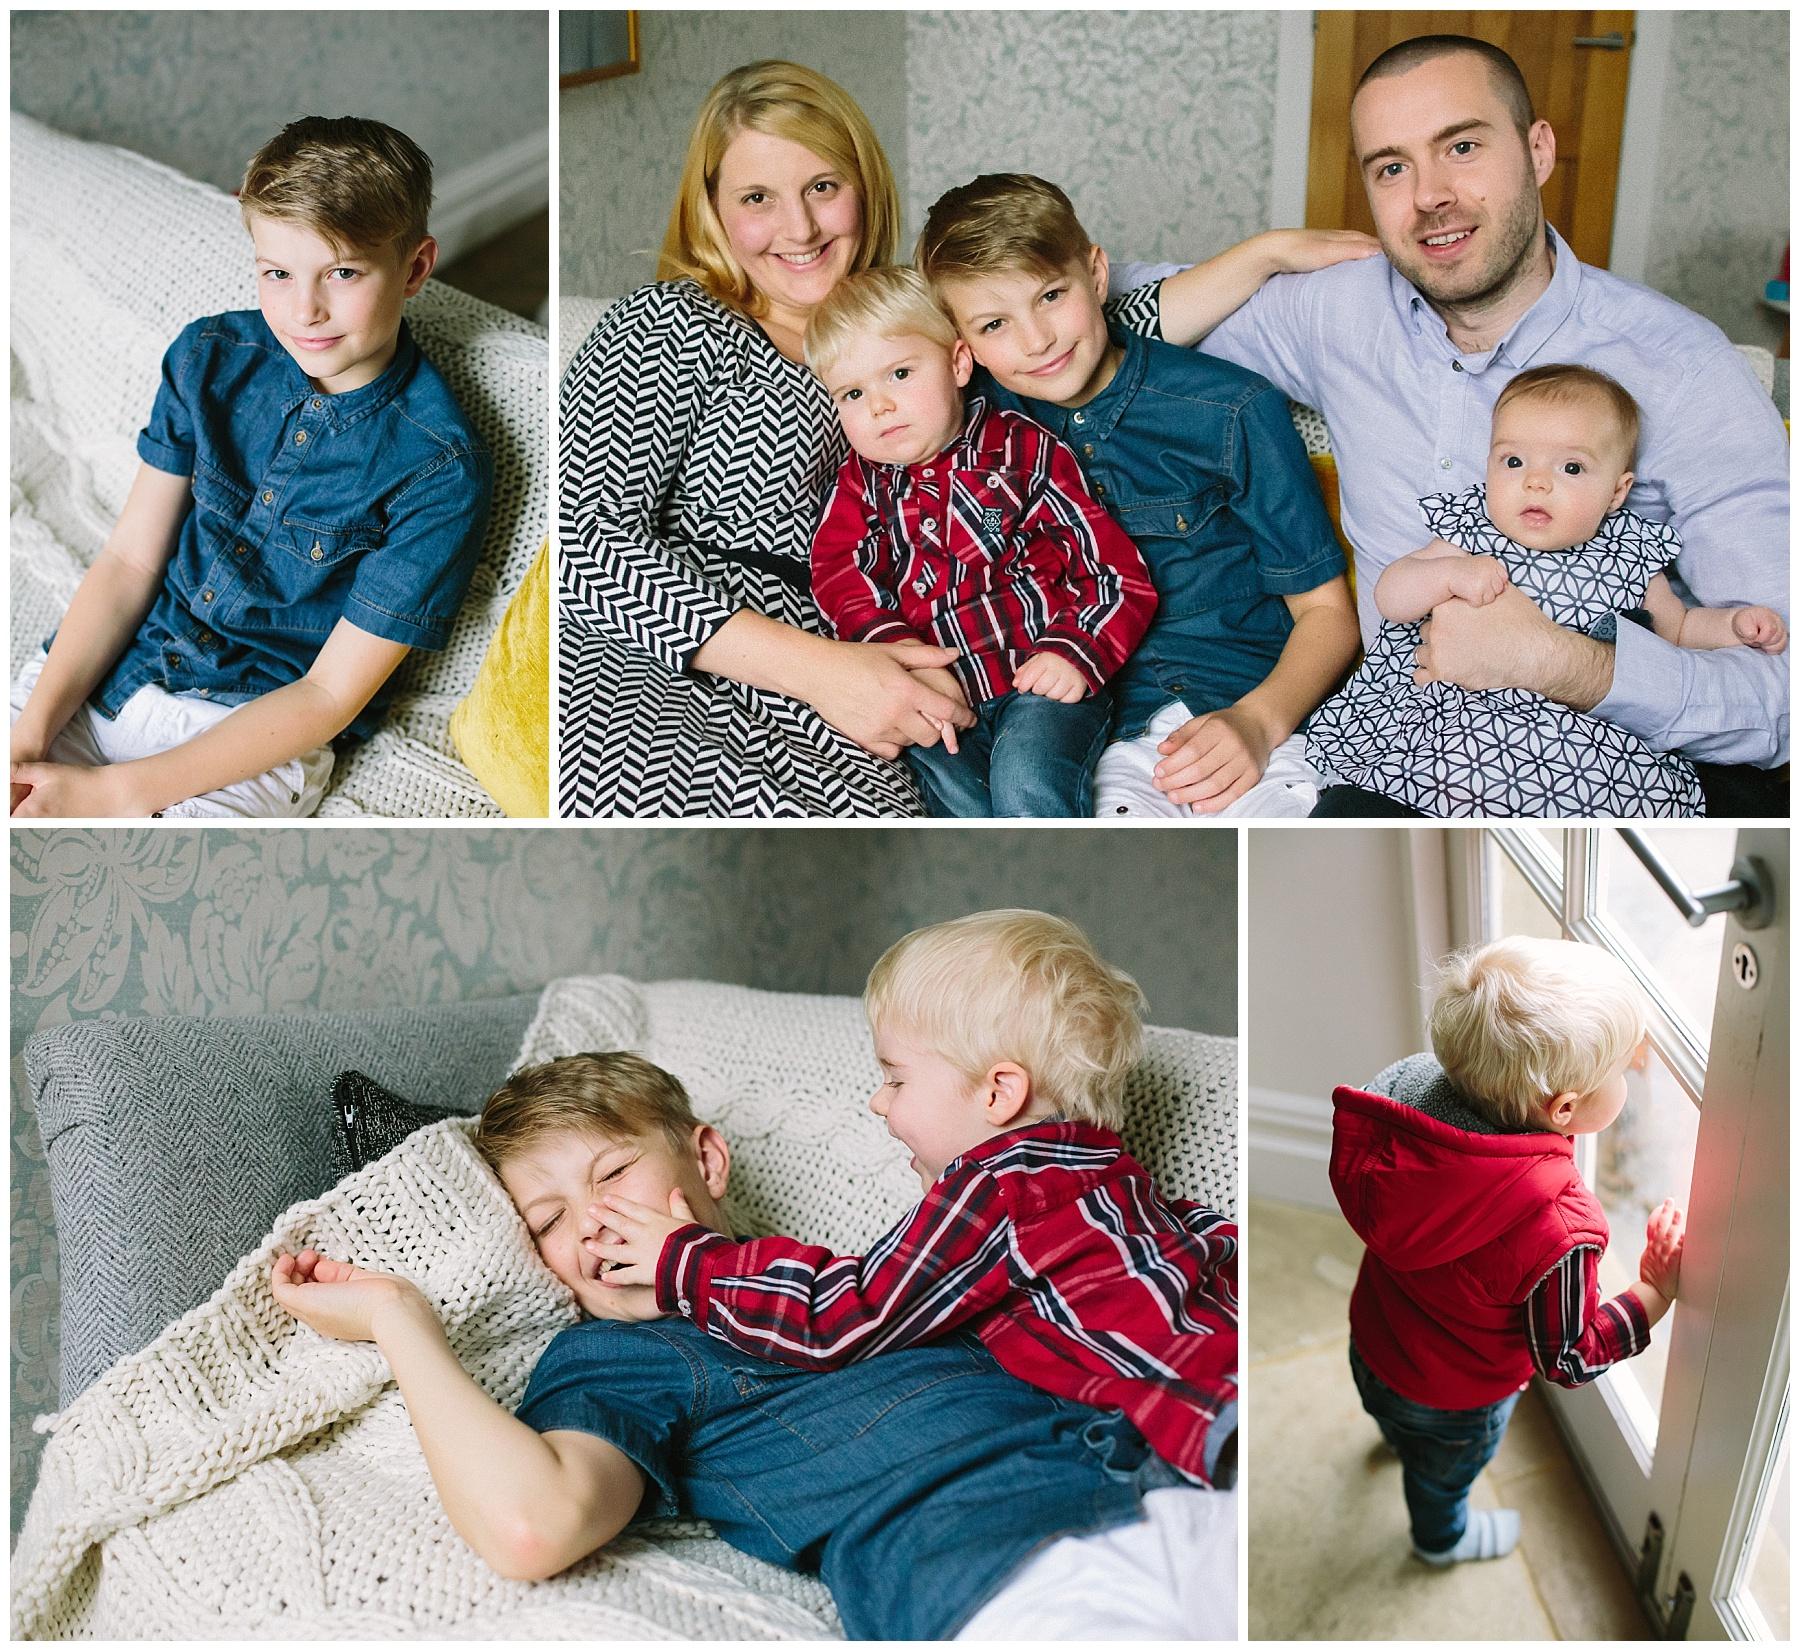 Family photographer Lancashire \| Lifestyle Photography